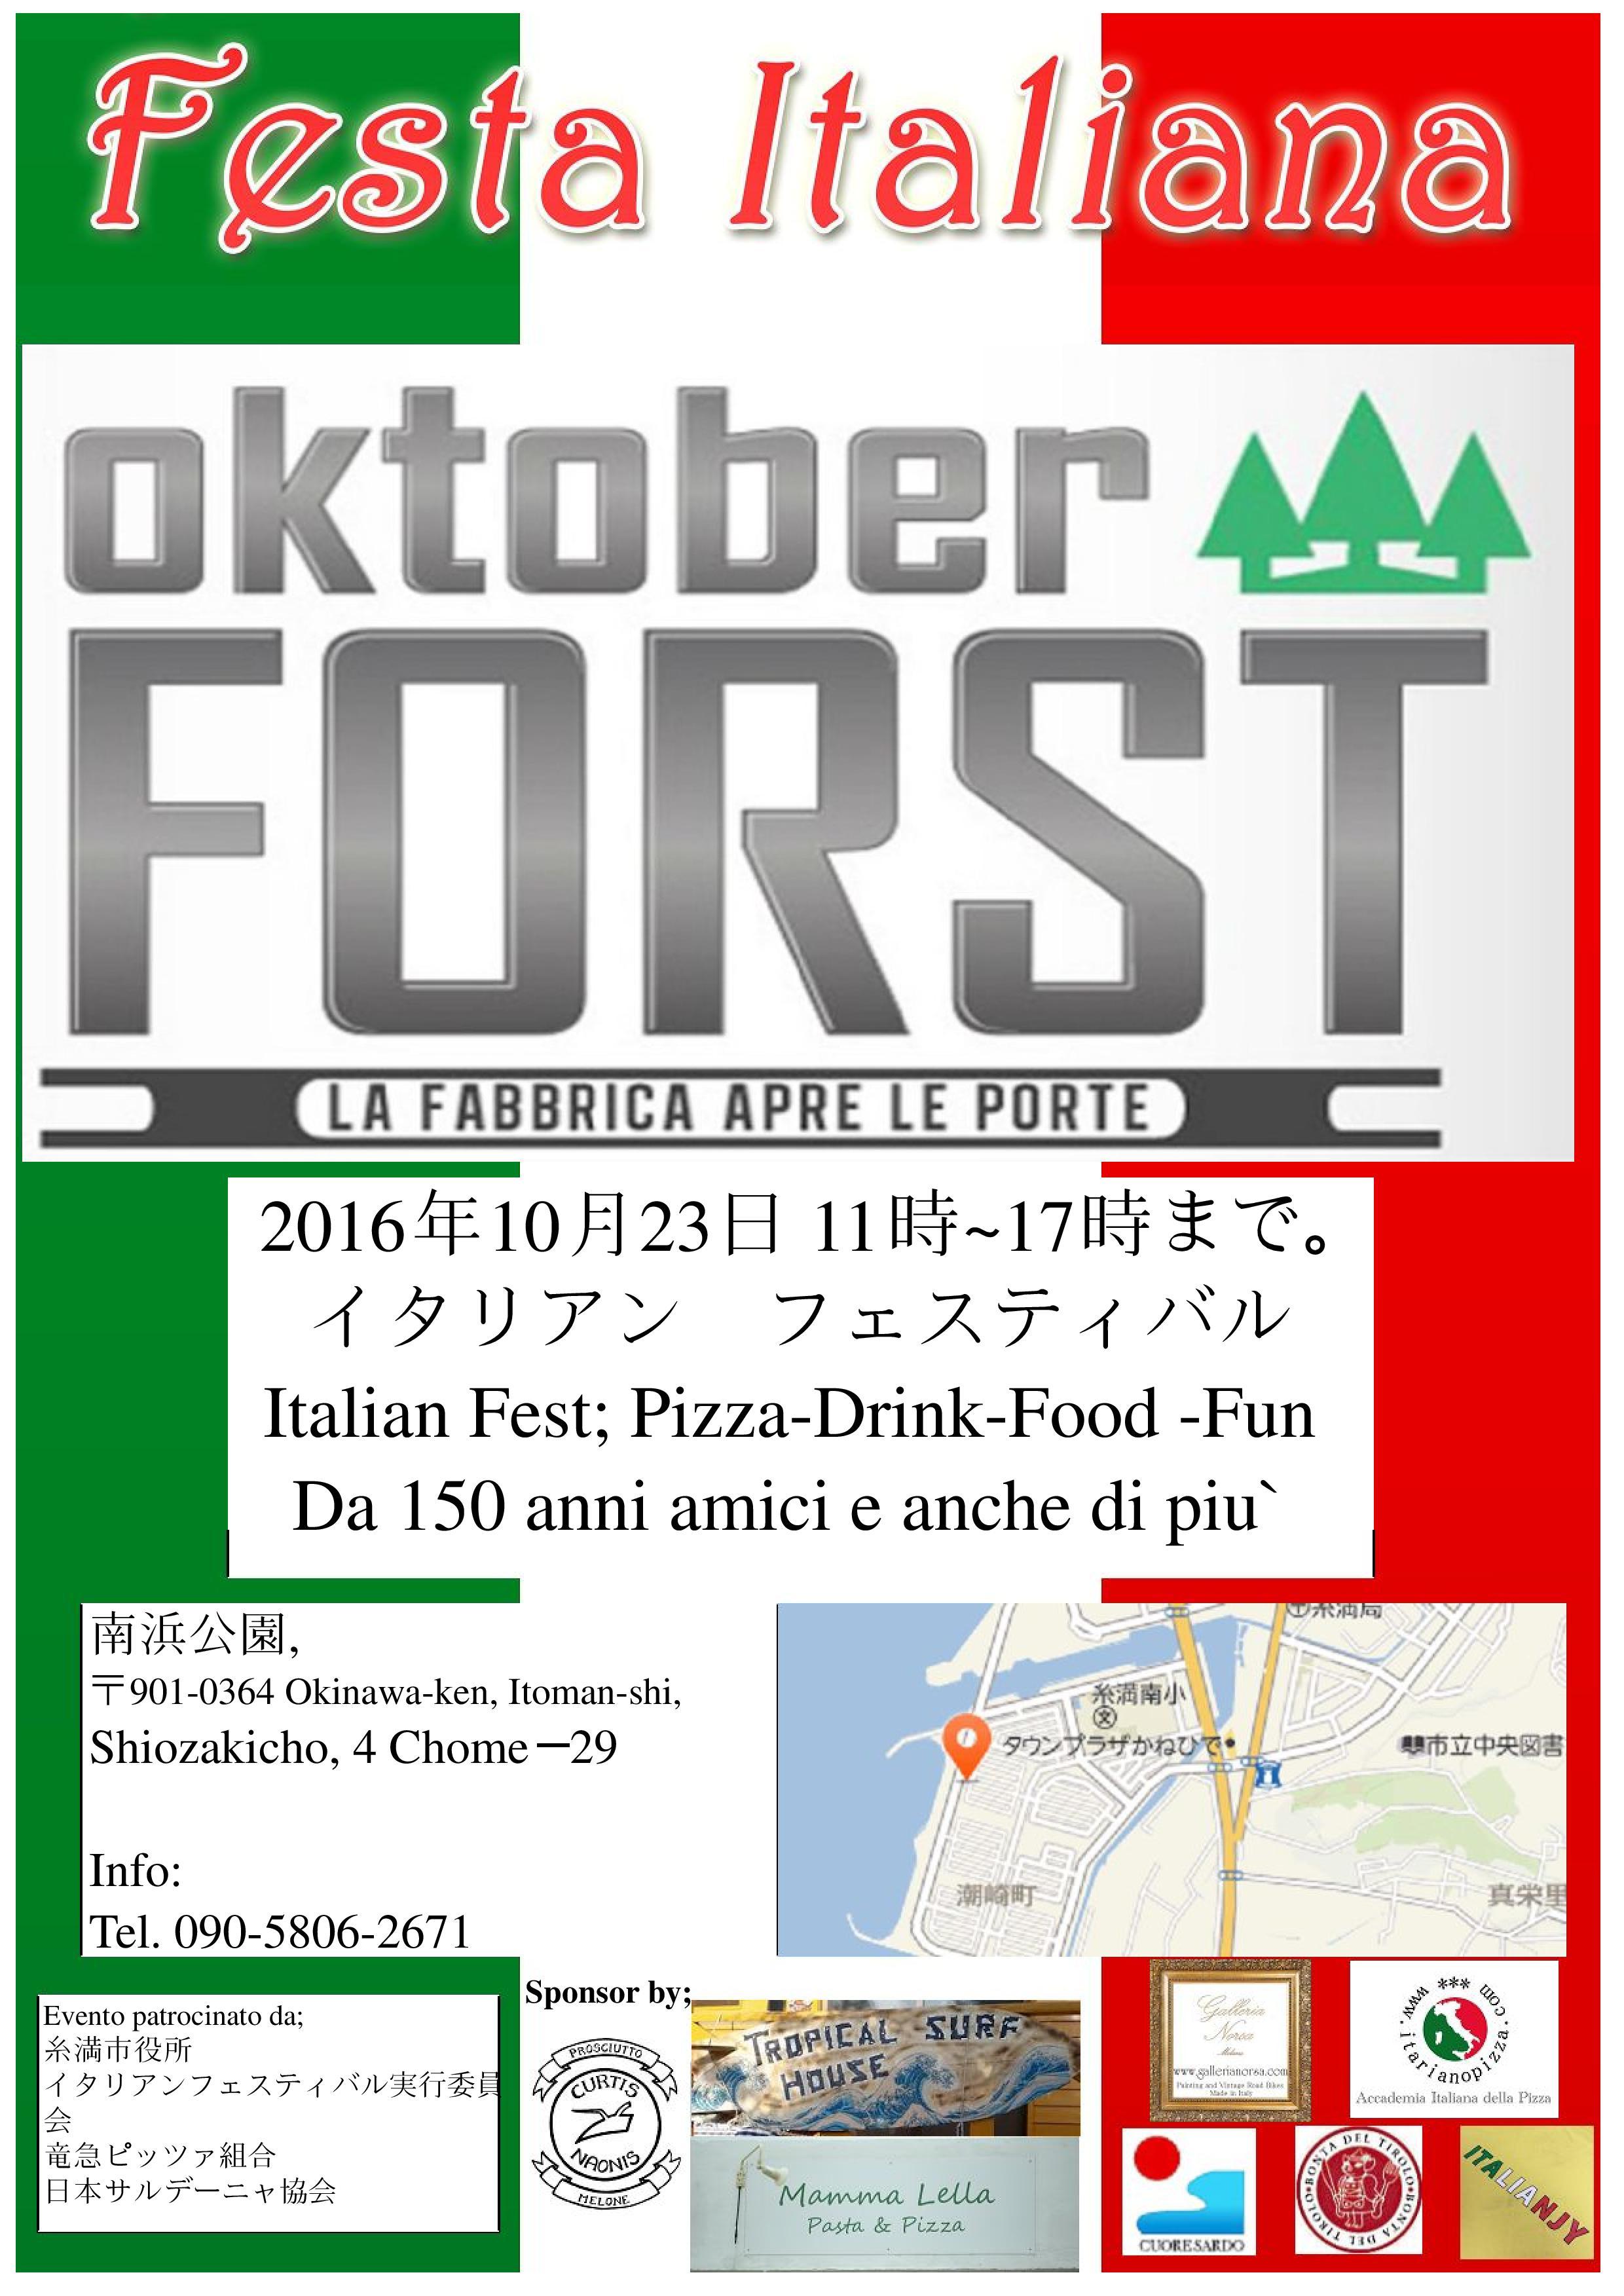 イタリアンフェスティバル – Festa Italiana OktoberForst